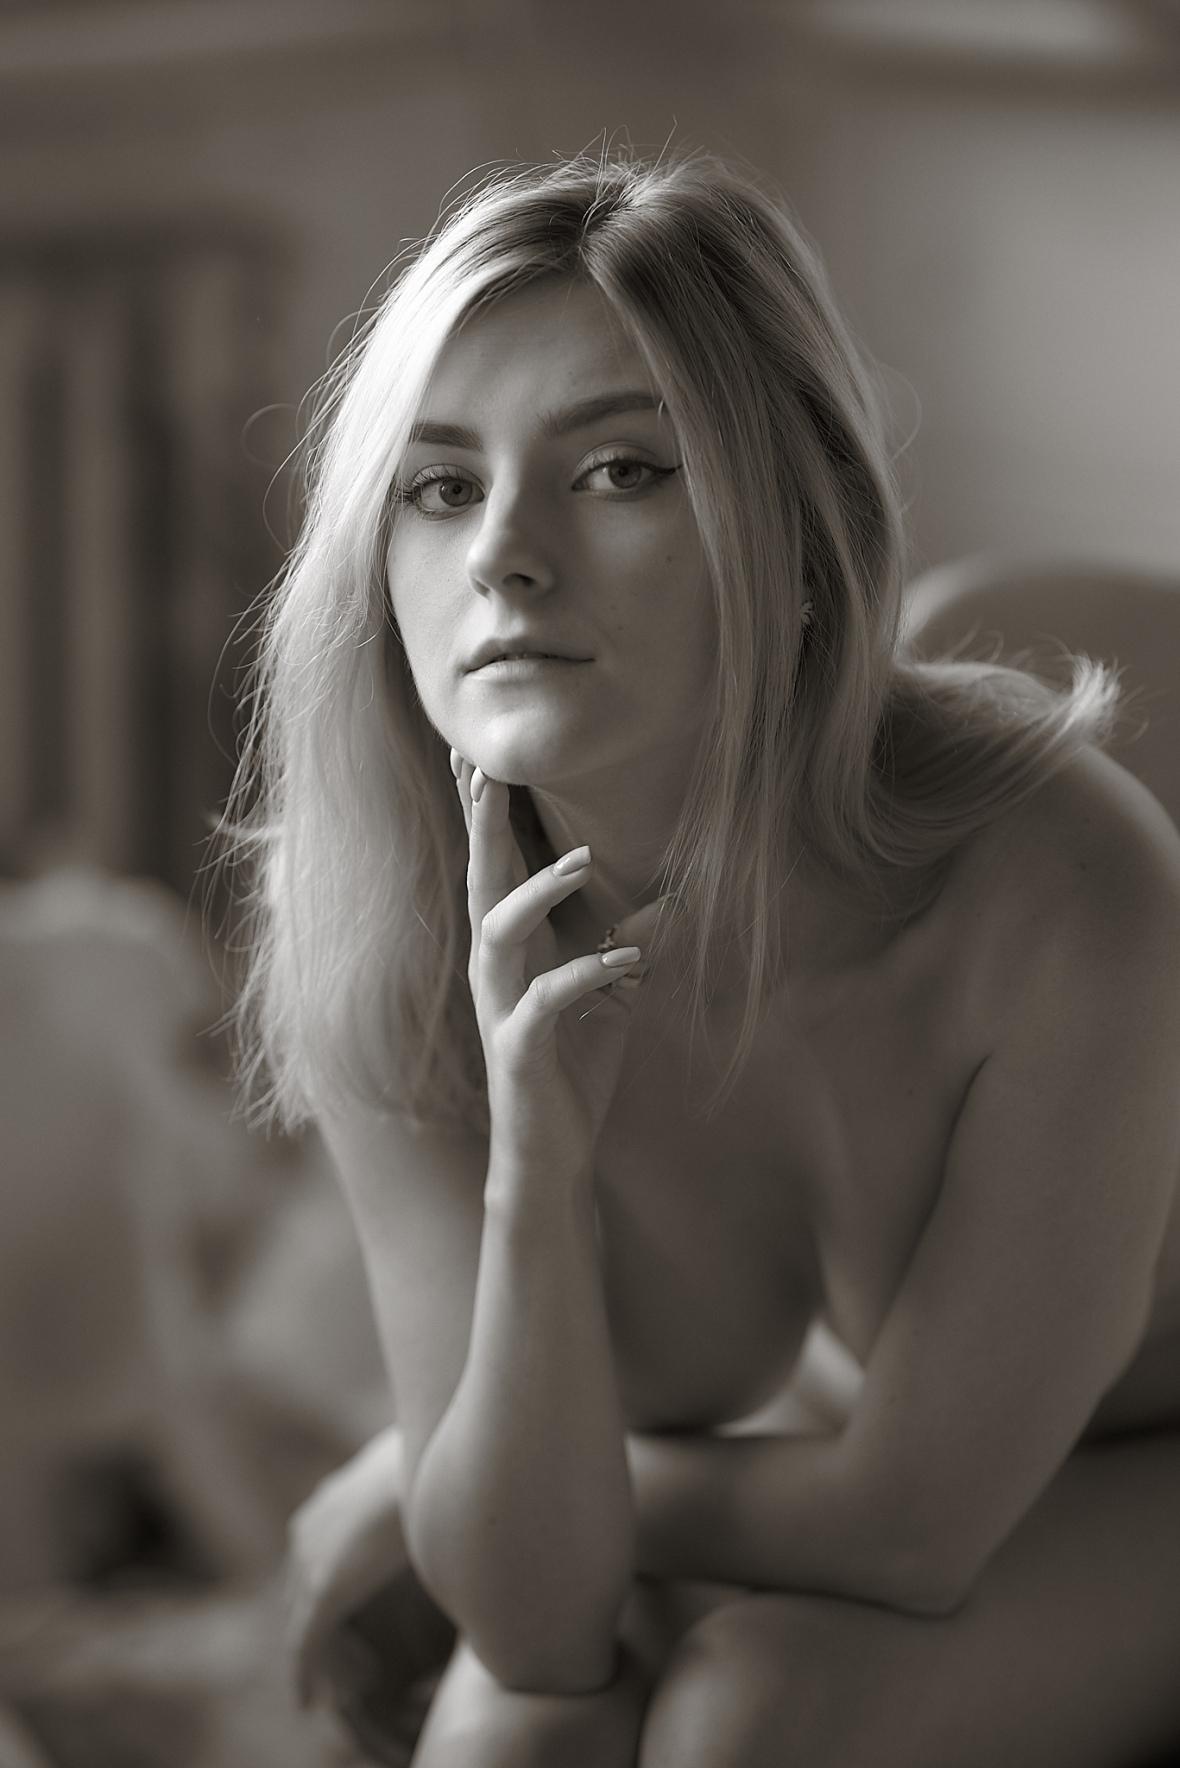 Eva Elfie | фотограф Дмитрий Голощапов